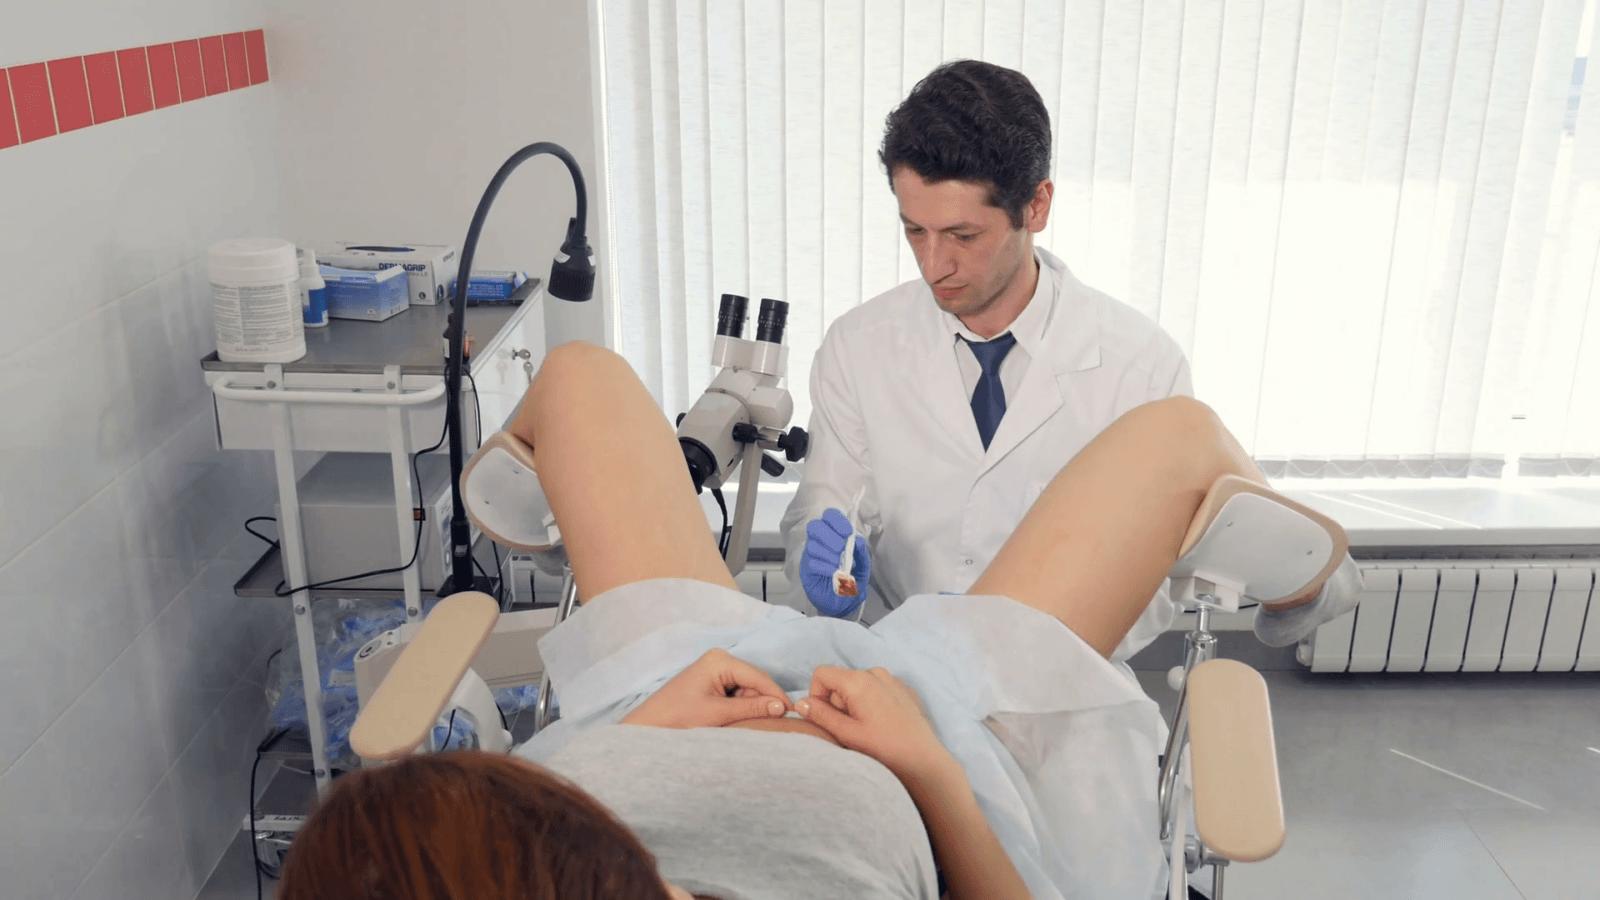 Китайские девки у гинеколога, онлайн порно русские дойки